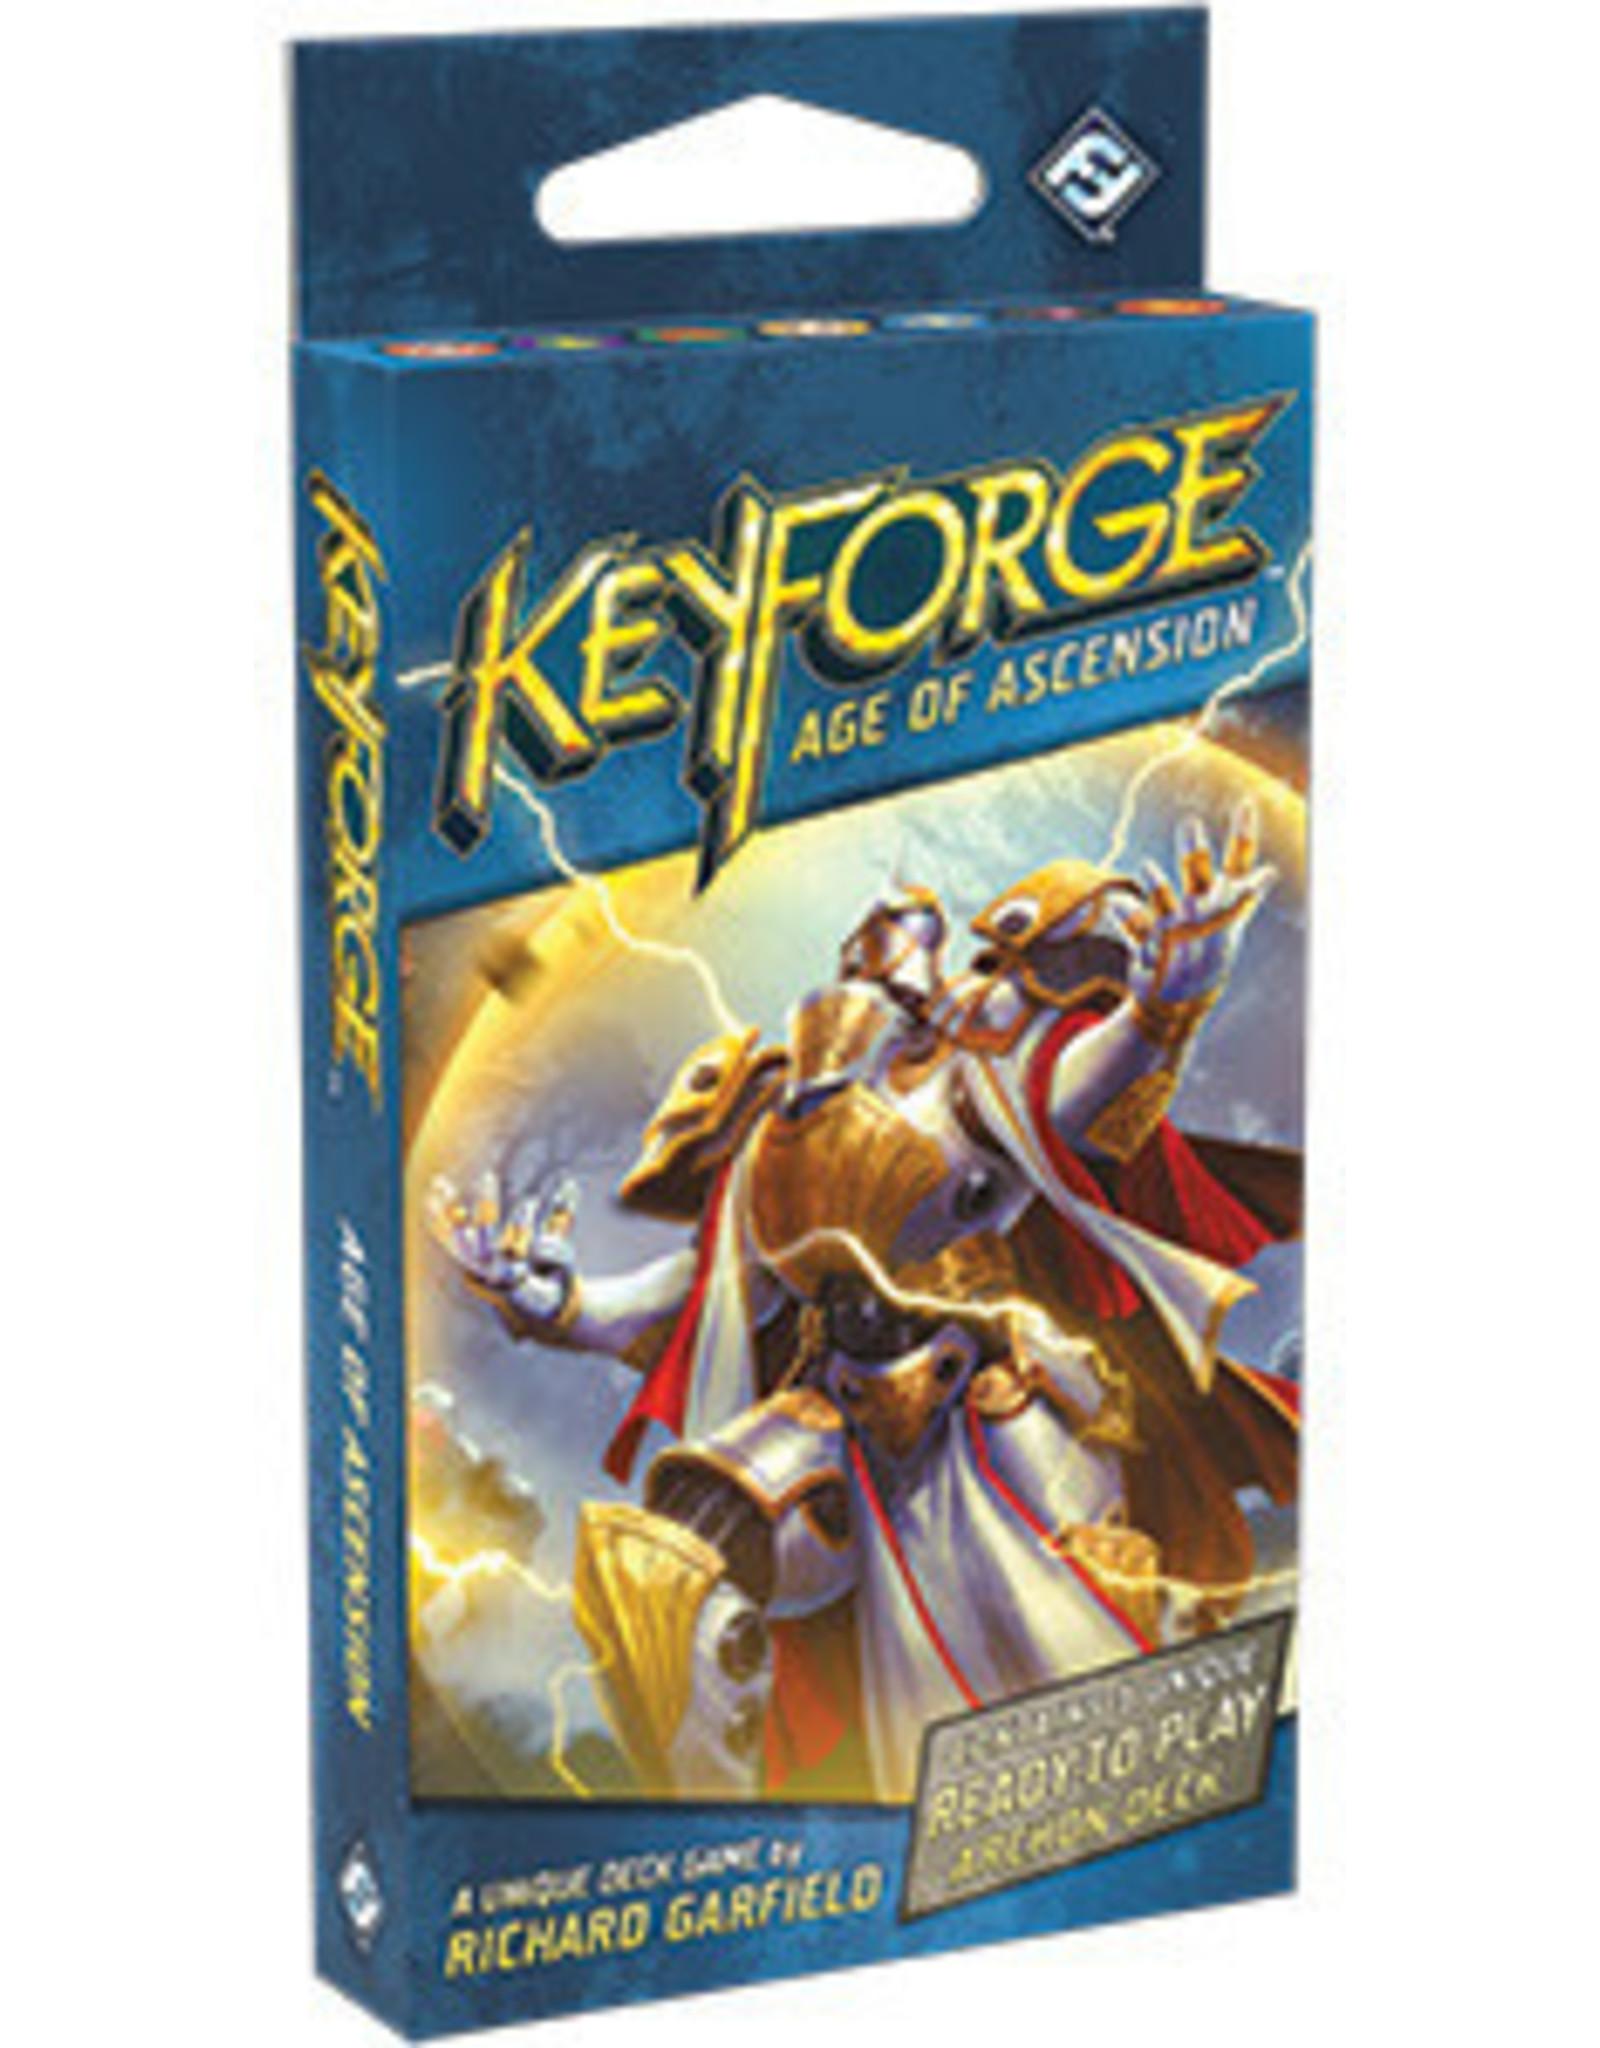 Keyforge Keyforge : Age of Ascension Display Single